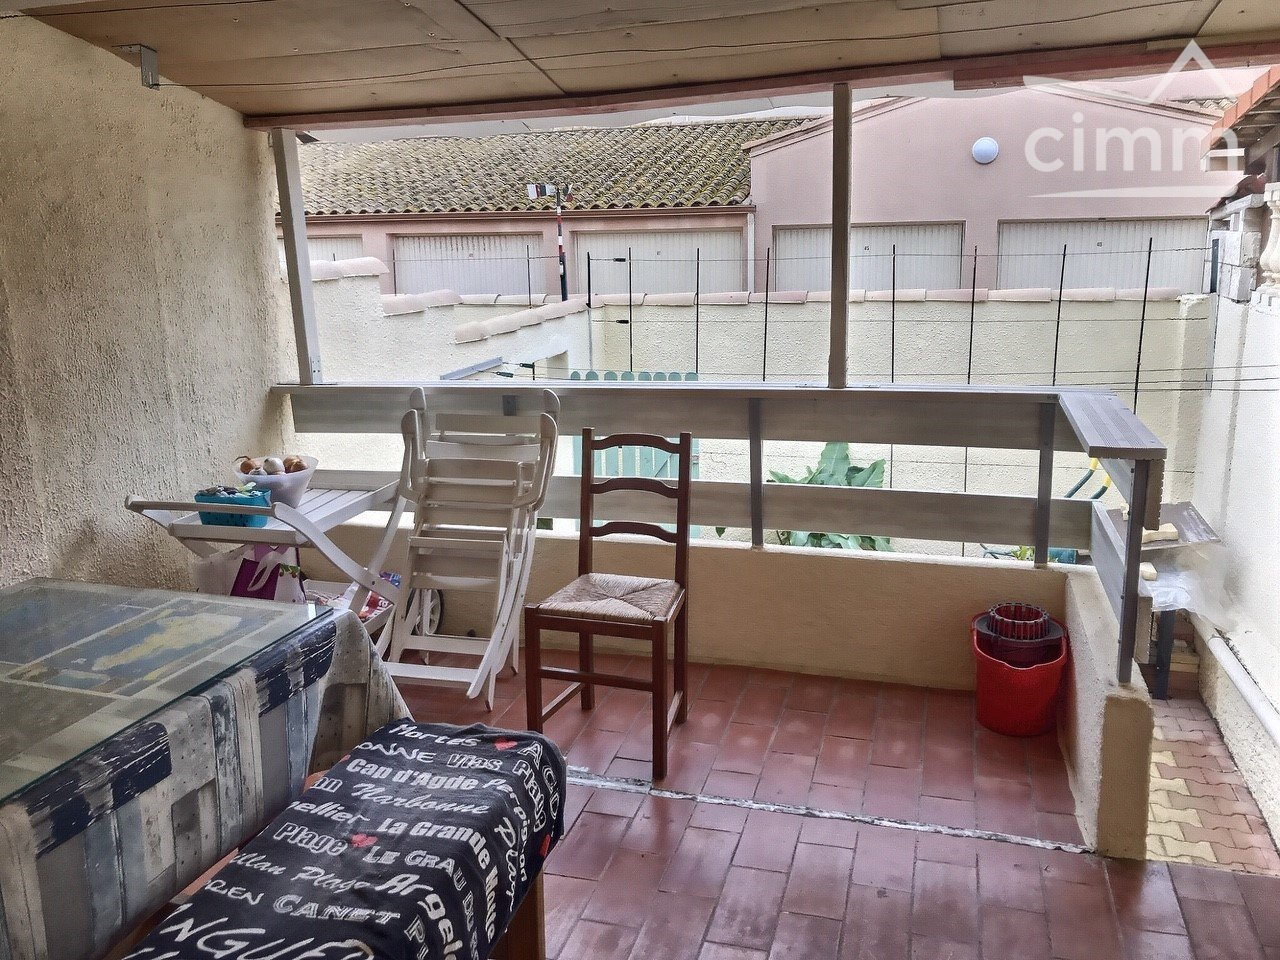 IMMOPLAGE VALRAS-PLAGE, agence immobilière, vente, location et location vacances appartement et maison entre Agde/Sete et Narbonne, proche Béziers - Pavillon - VALRAS PLAGE - Location Vacances - 50m²